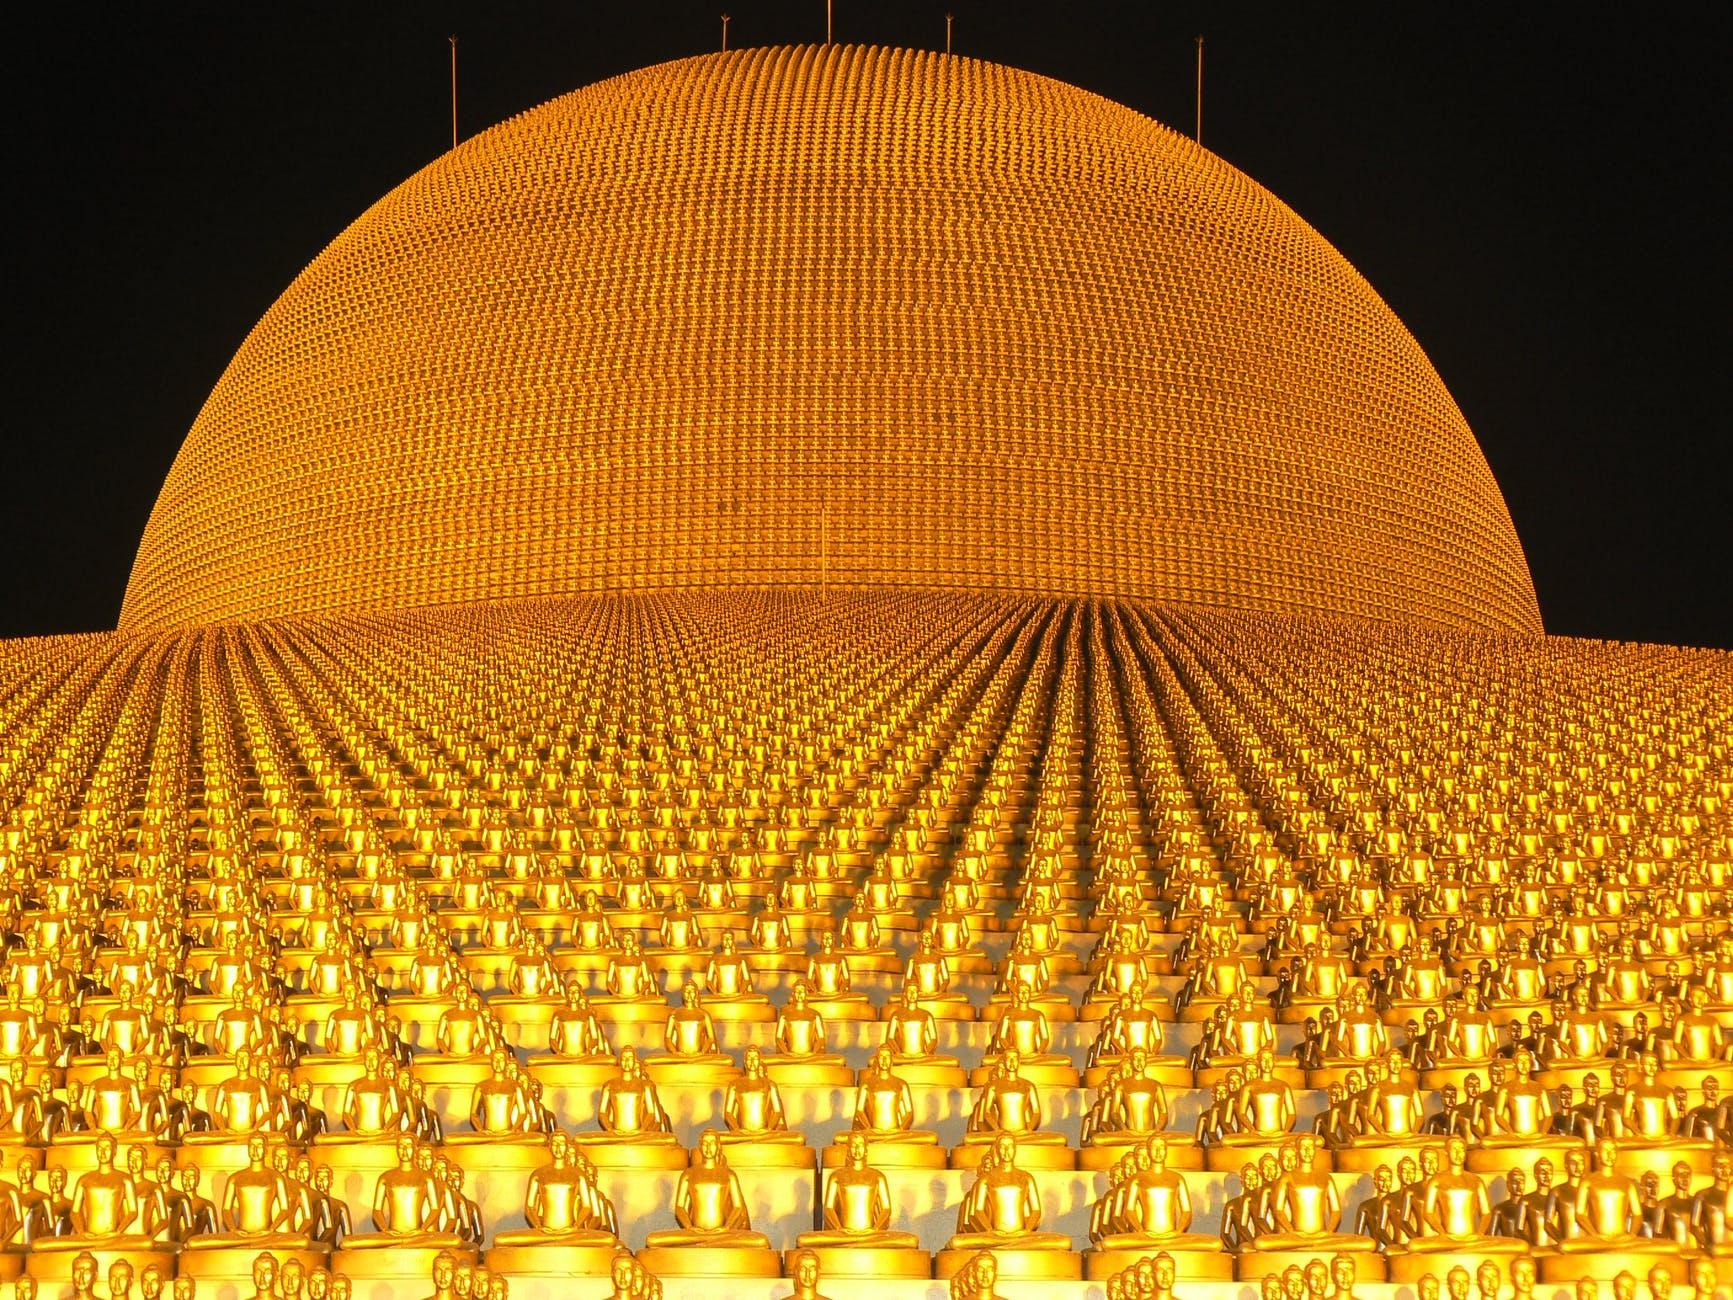 dhammakaya-pagoda-more-than-million-budhas-47315.jpeg